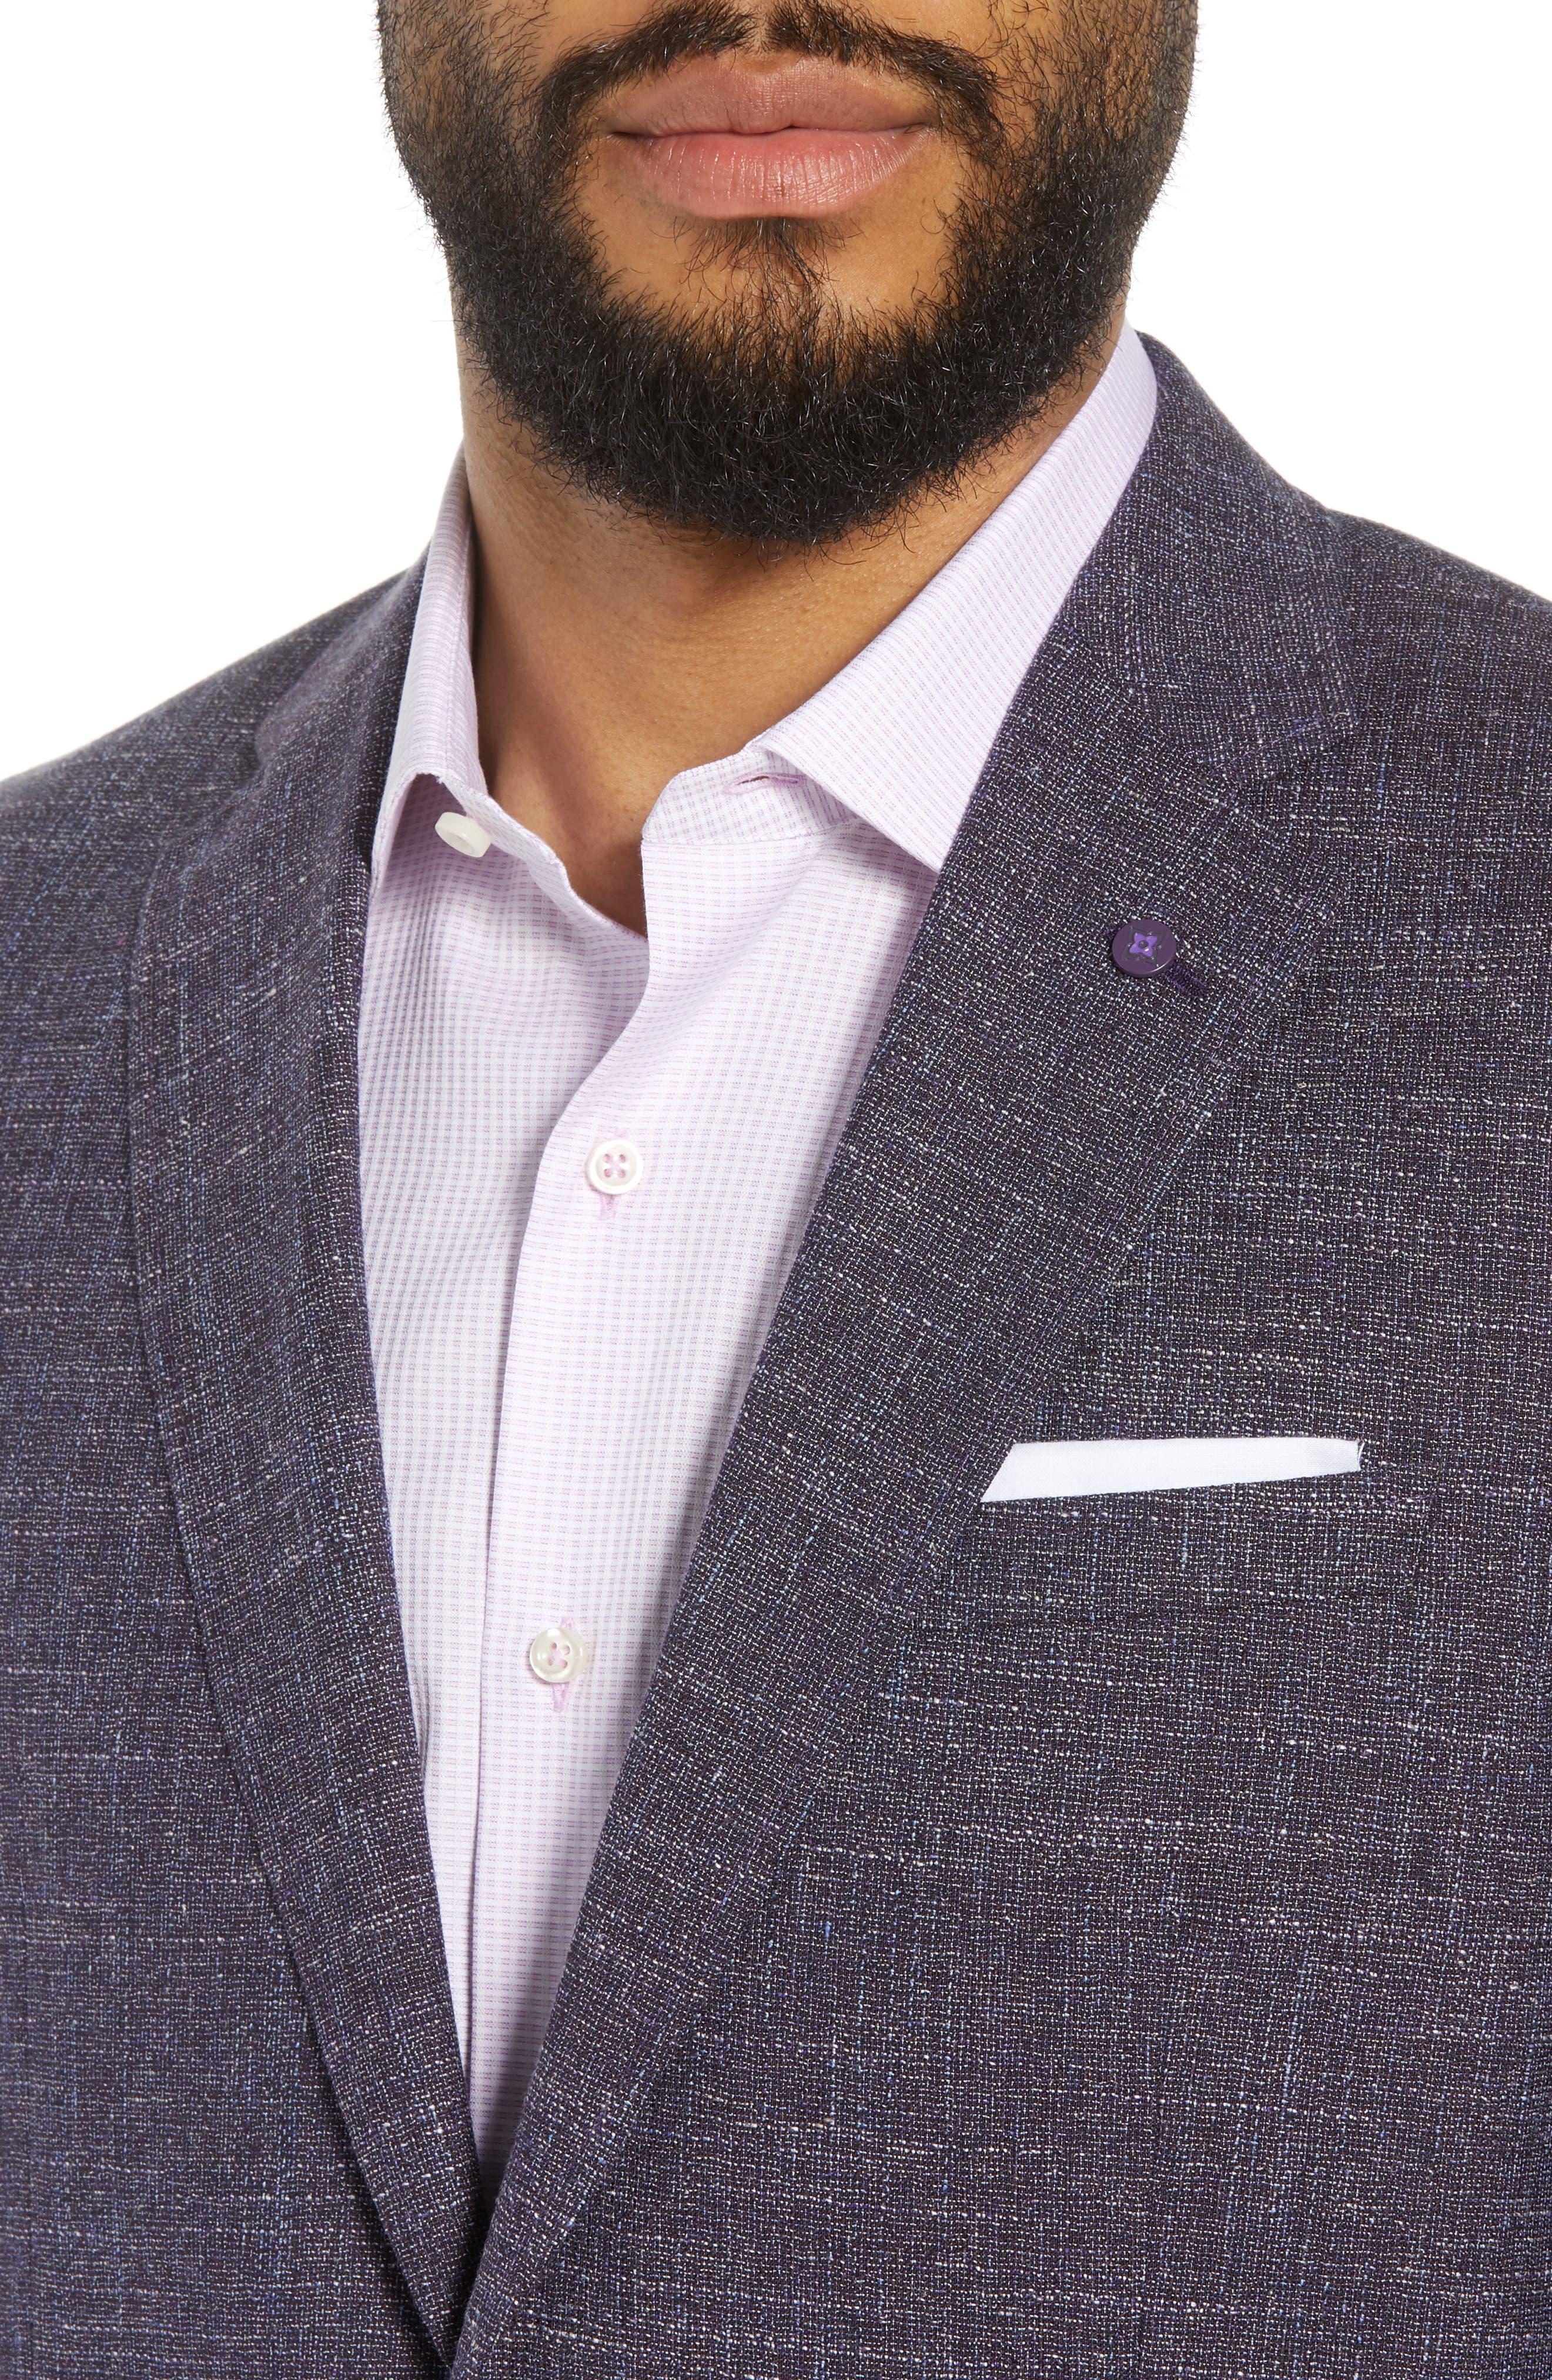 Jay Trim Fit Slubbed Wool, Cotton & Linen Sport Coat,                             Alternate thumbnail 4, color,                             Plum